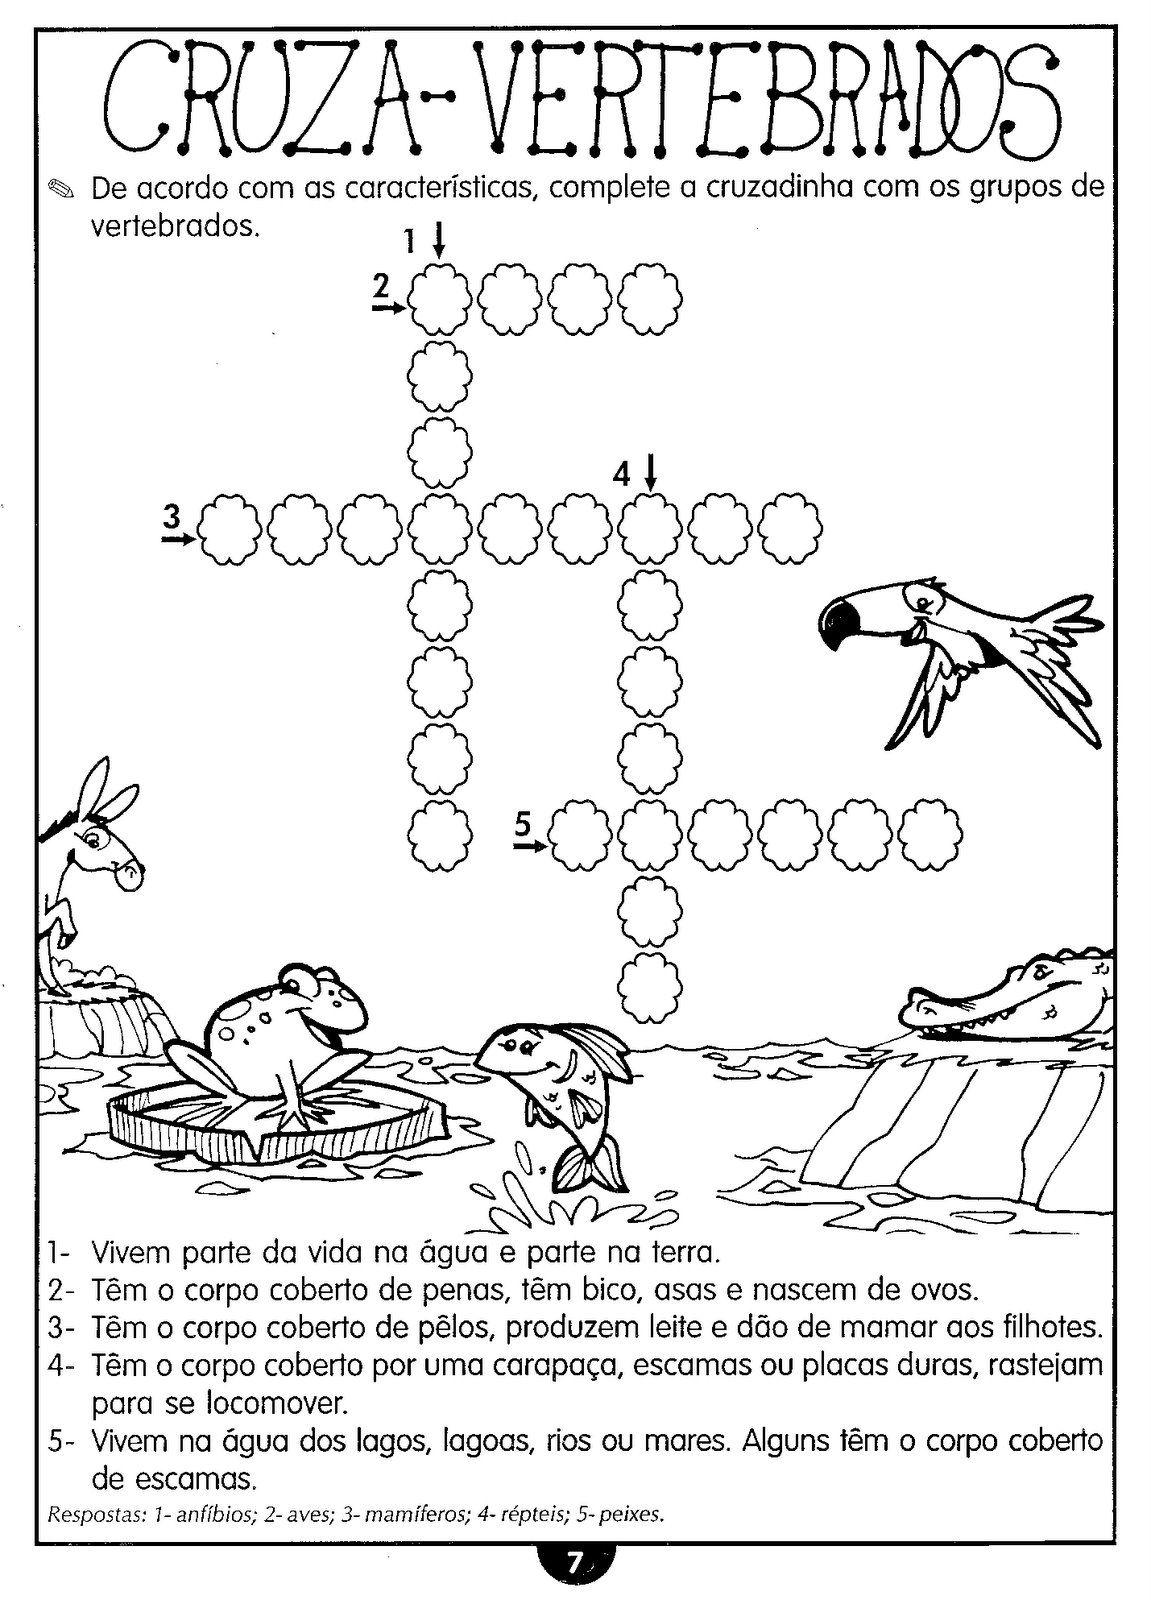 ANIMAIS VERTEBRADOS E INVERTEBRADOS